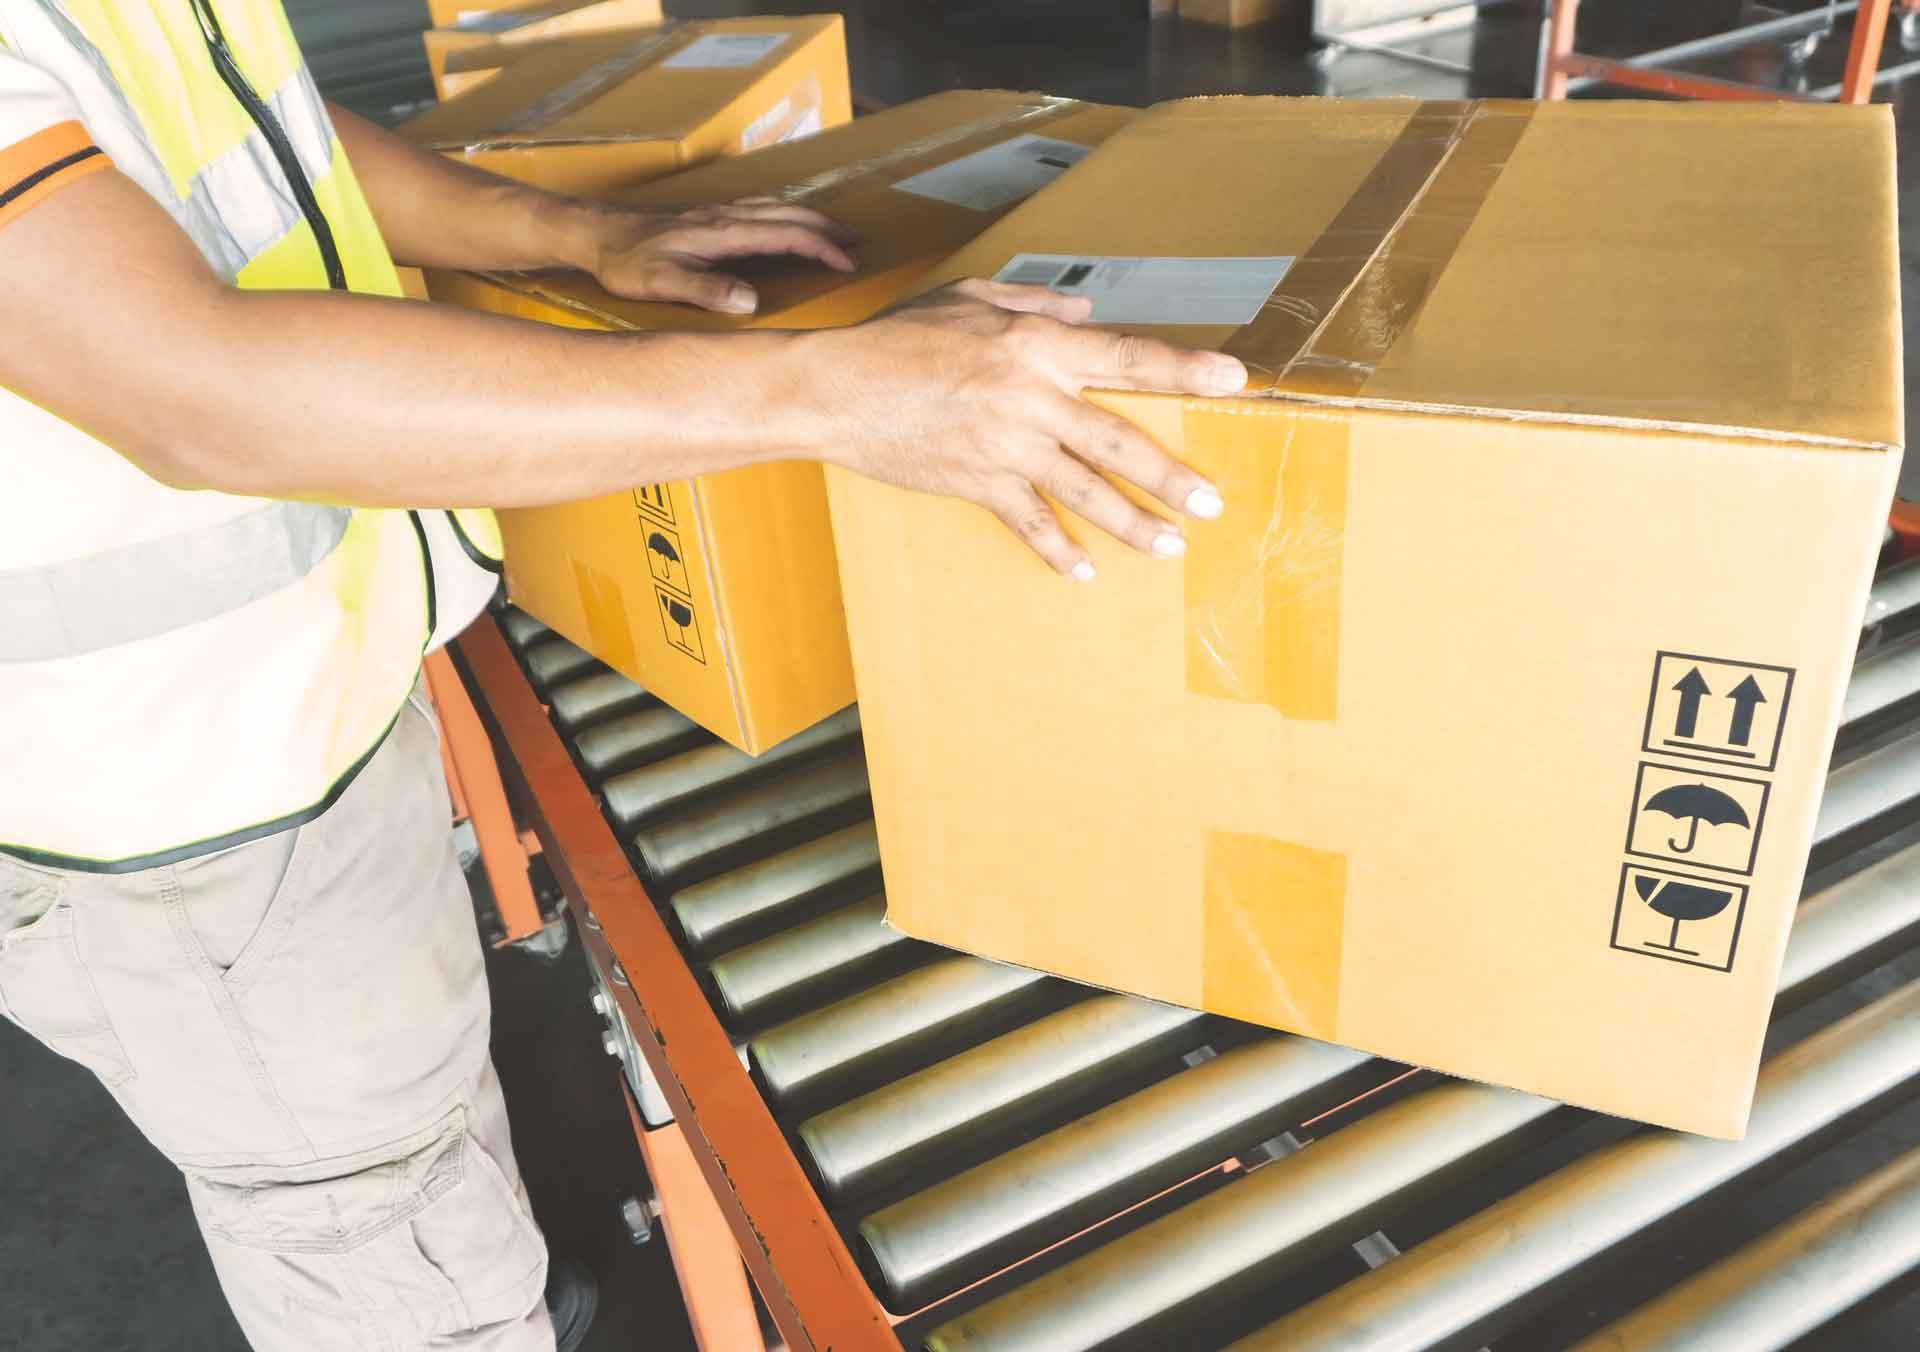 prodotti italiani export - preparare ordine alla consegna - OBICONS